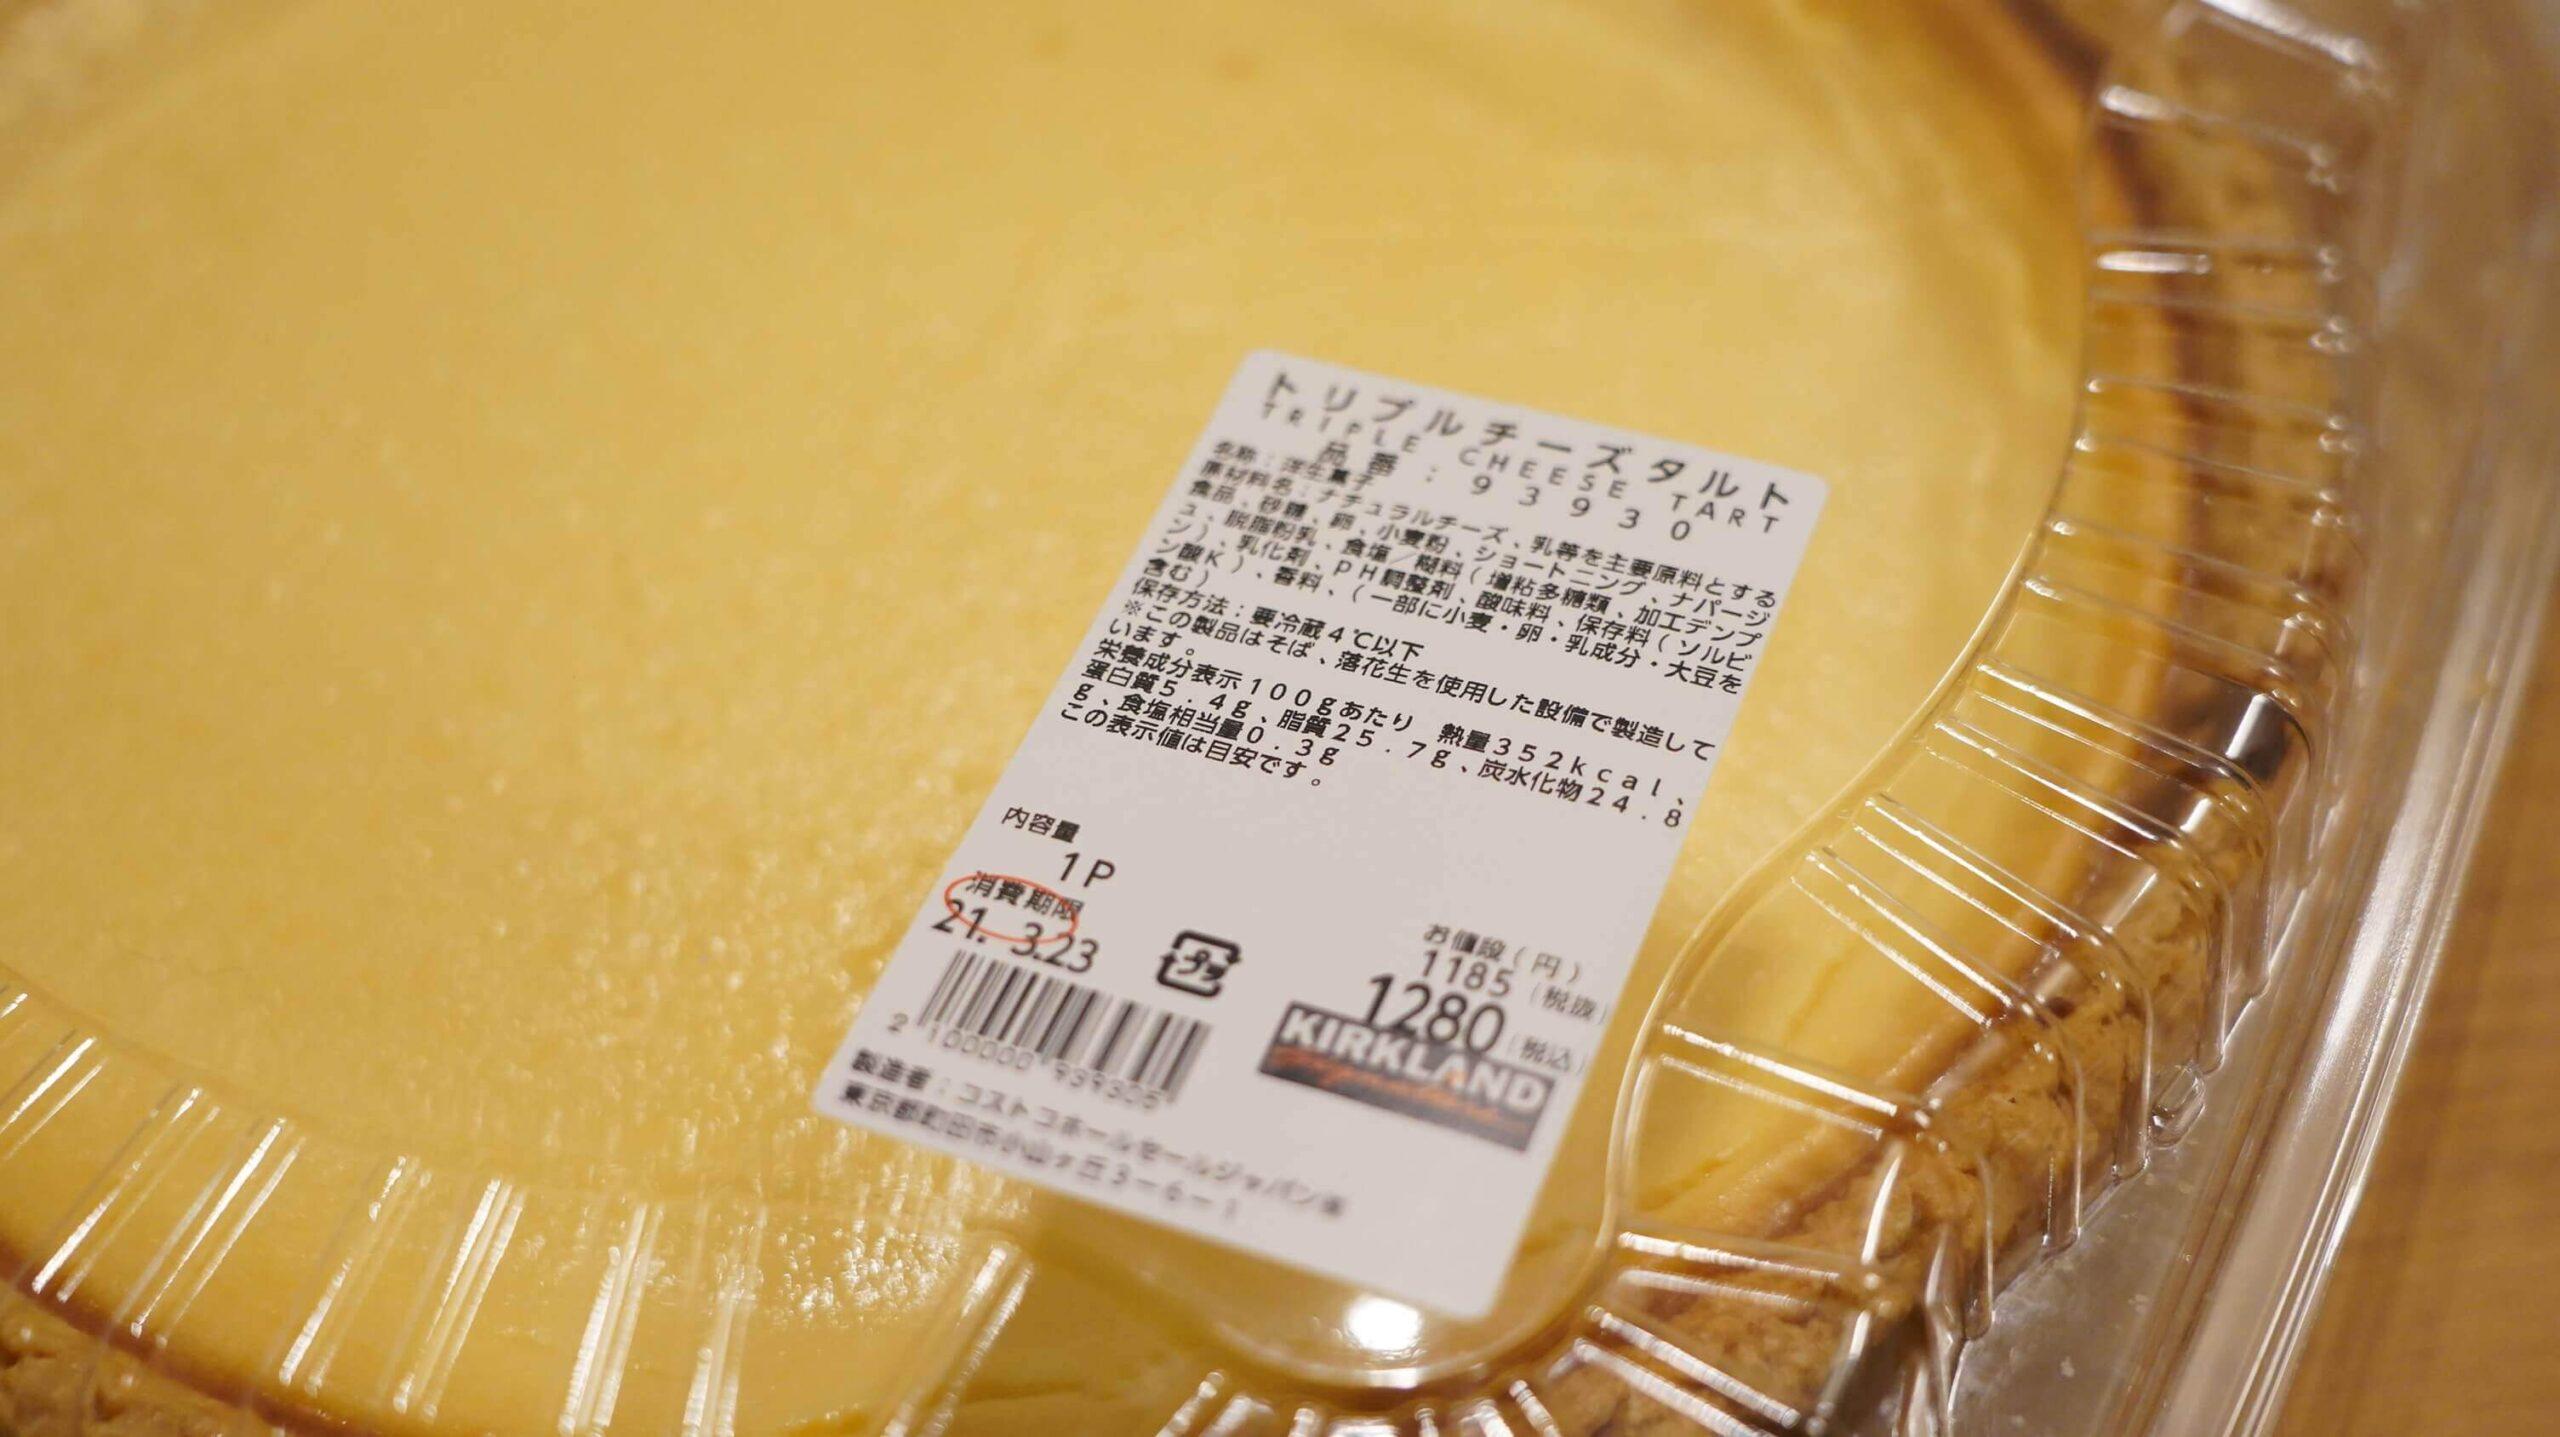 コストコのチーズケーキ「トリプルチーズタルト」の商品情報の写真